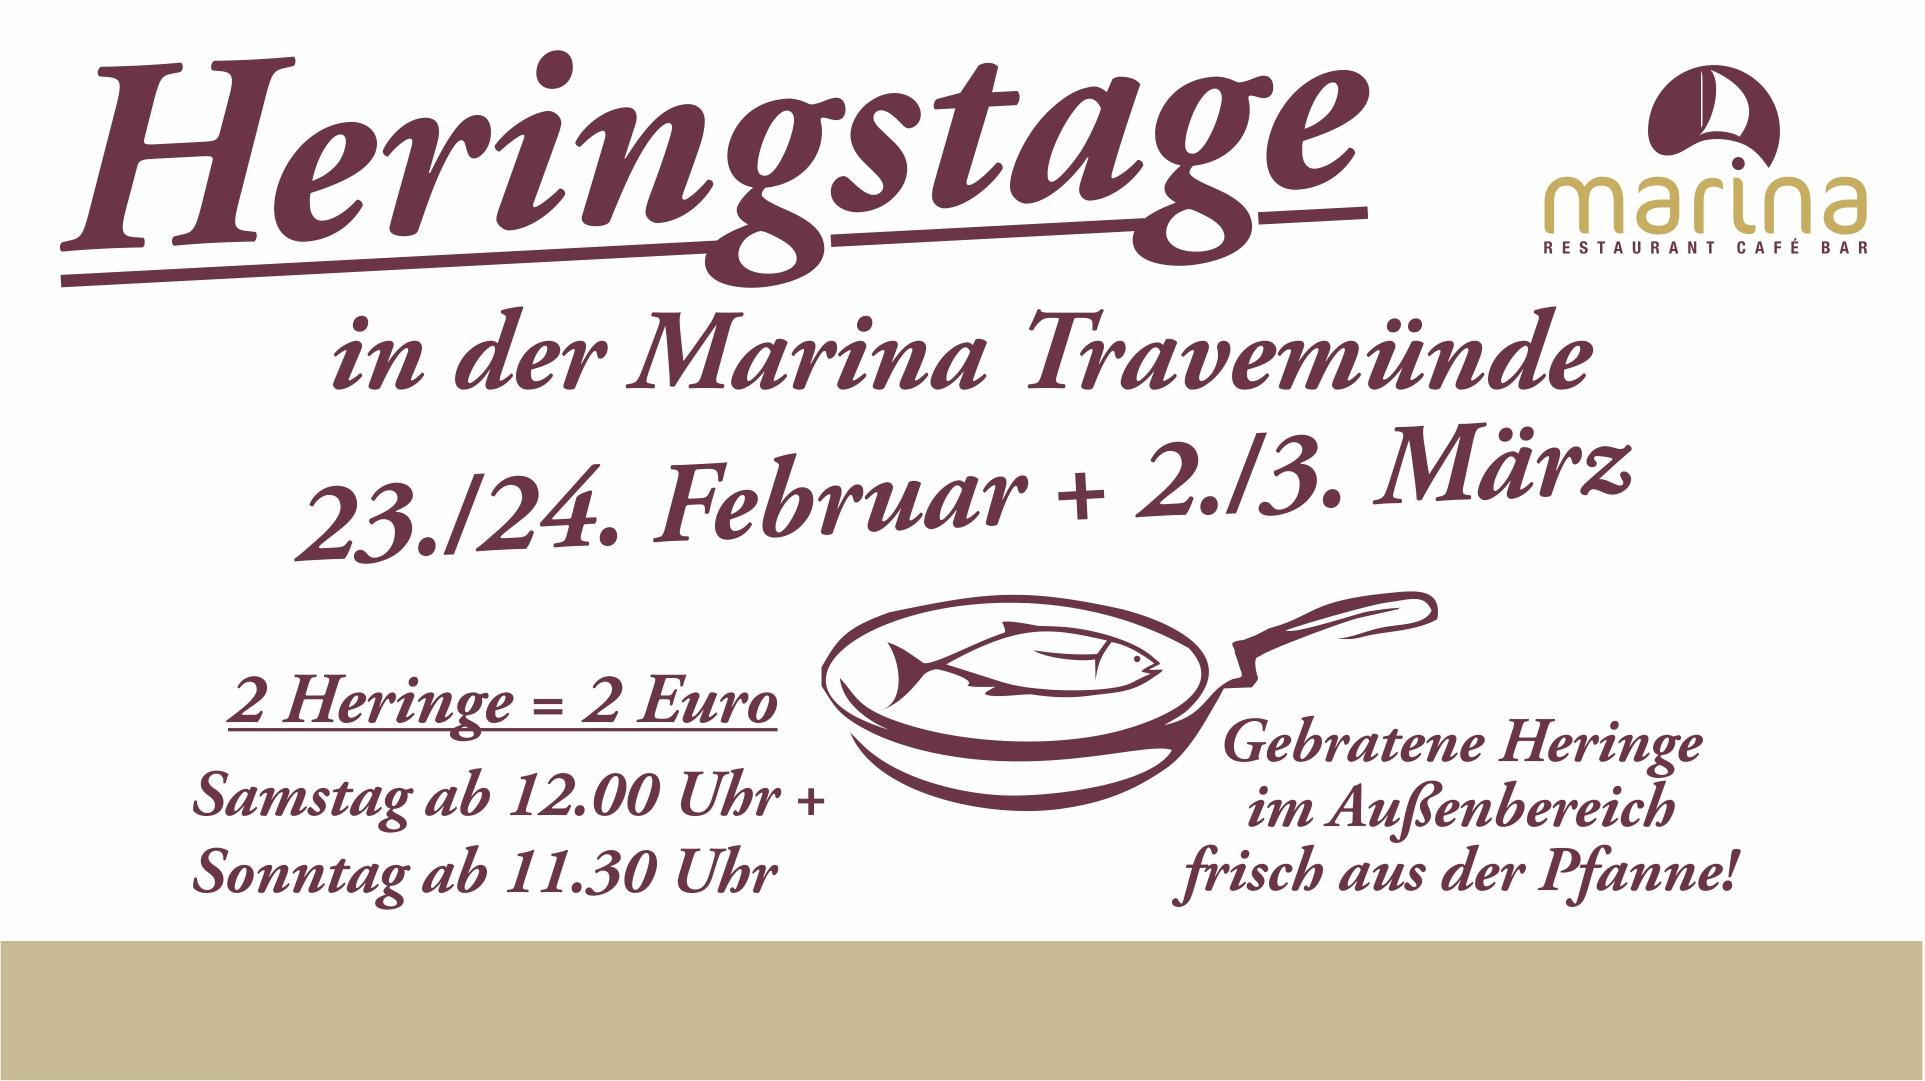 Heringstage in der Marina am 23. / 24. Februar und 2. / 3. März!